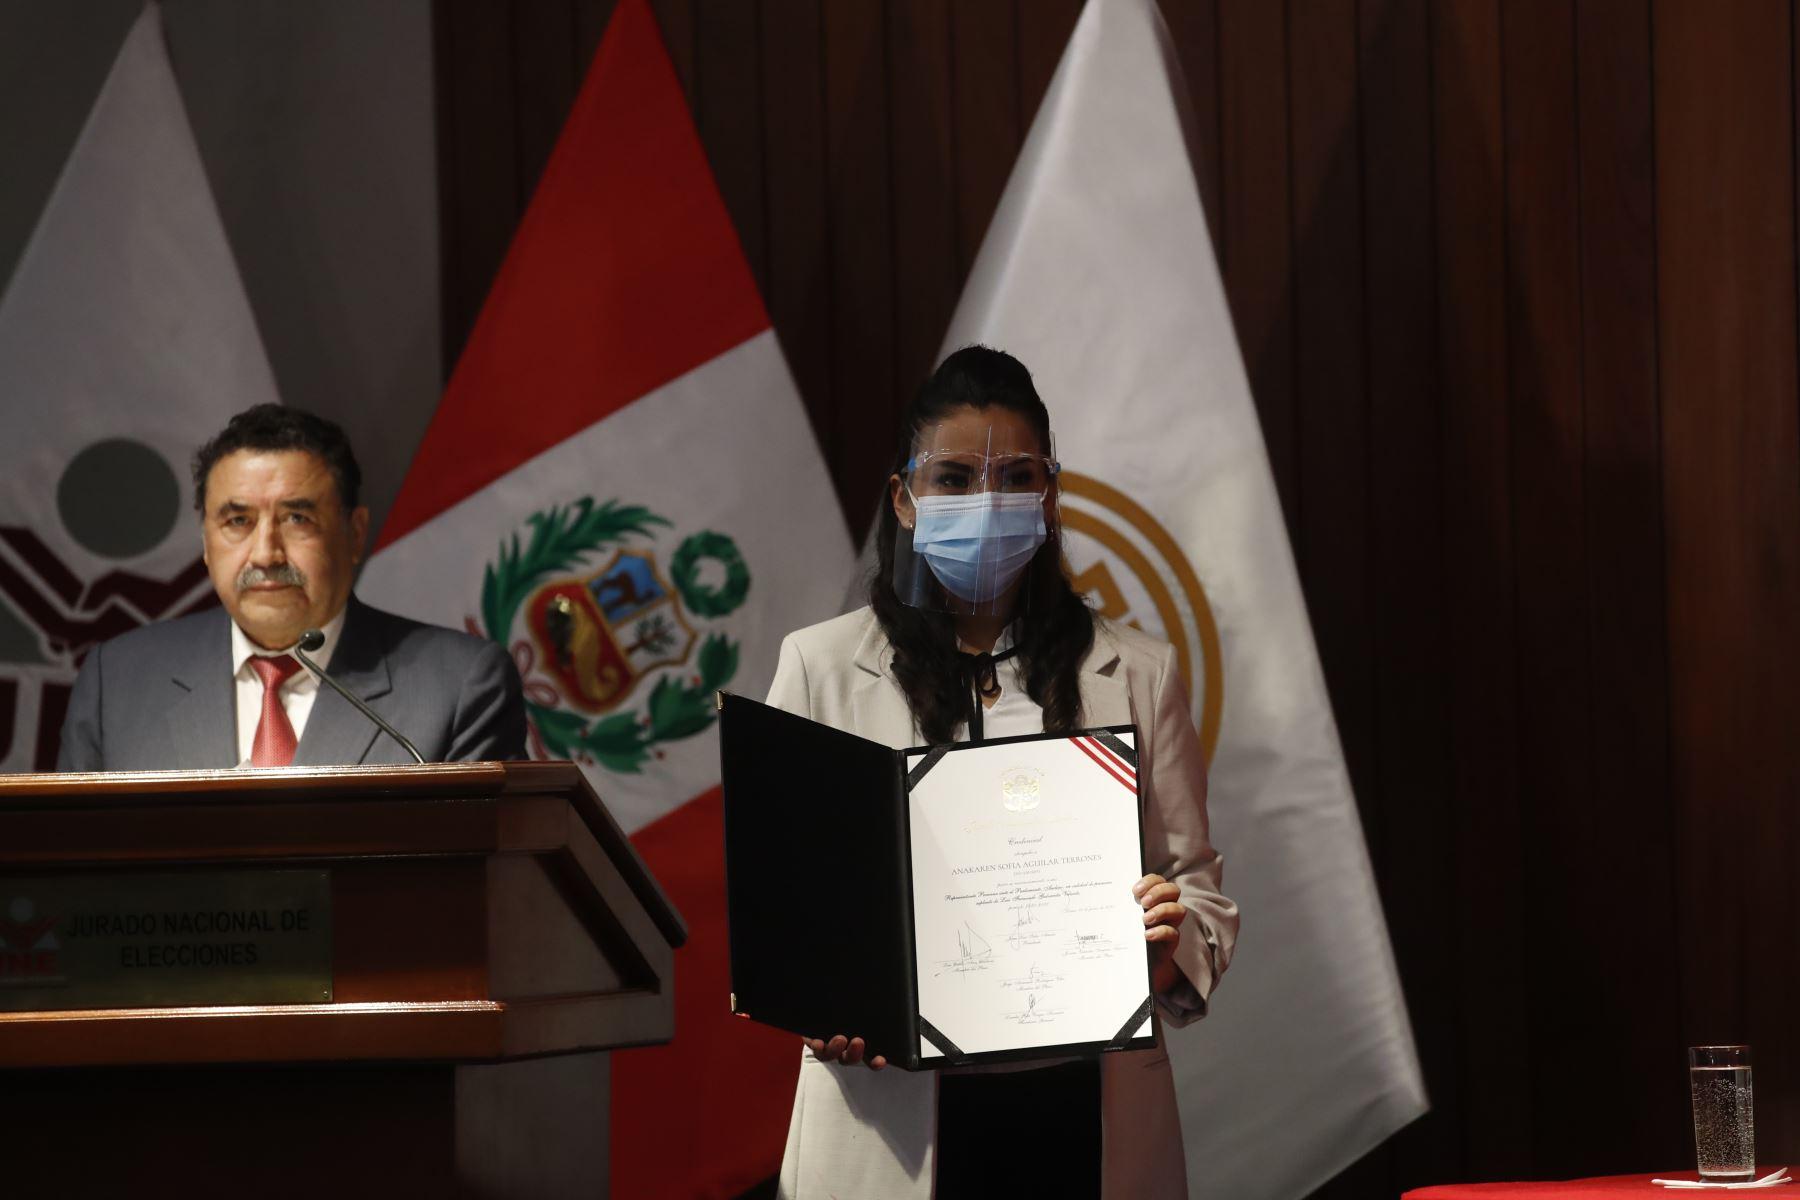 Anakaren Sofía Aguilar Terrones, representante de Fuerza Popular en ceremonia de entrega de credenciales a representantes del Parlamento Andino. Foto: ANDINA/Juan Carlos Guzmán